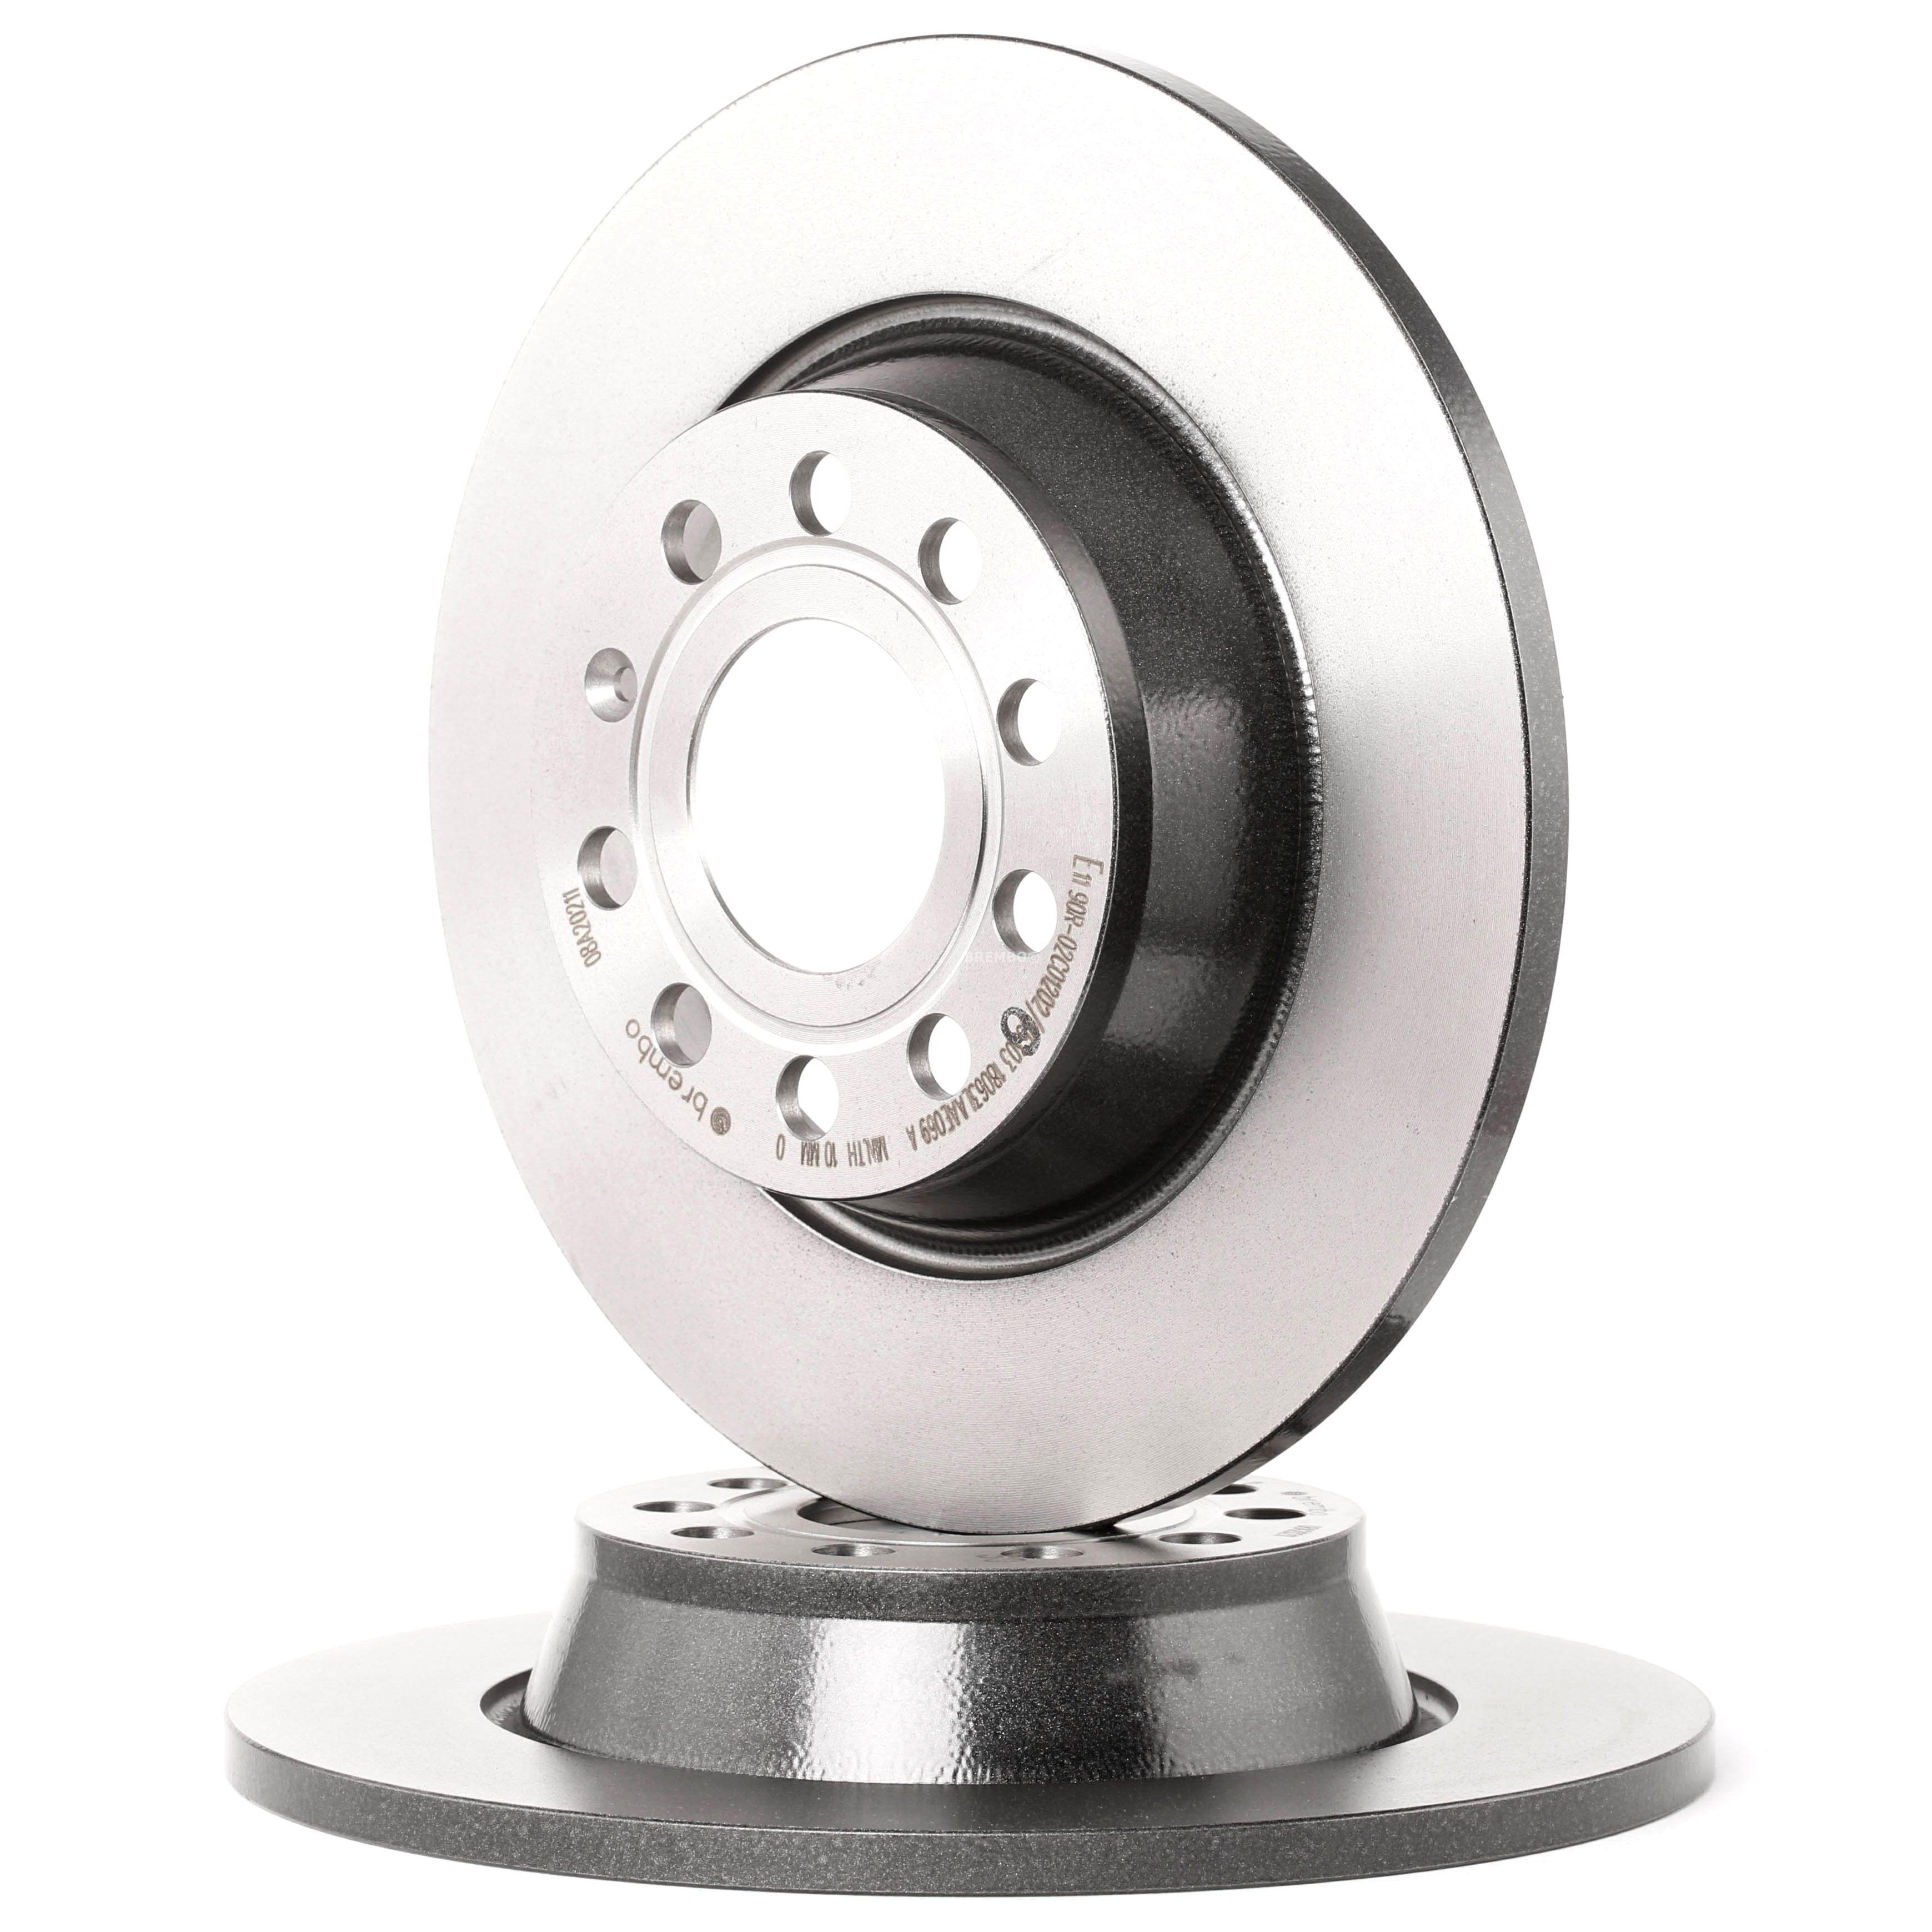 Achetez Disque de frein BREMBO 08.A202.11 (Ø: 282mm, Nbre de trous: 5, Épaisseur du disque de frein: 12mm) à un rapport qualité-prix exceptionnel